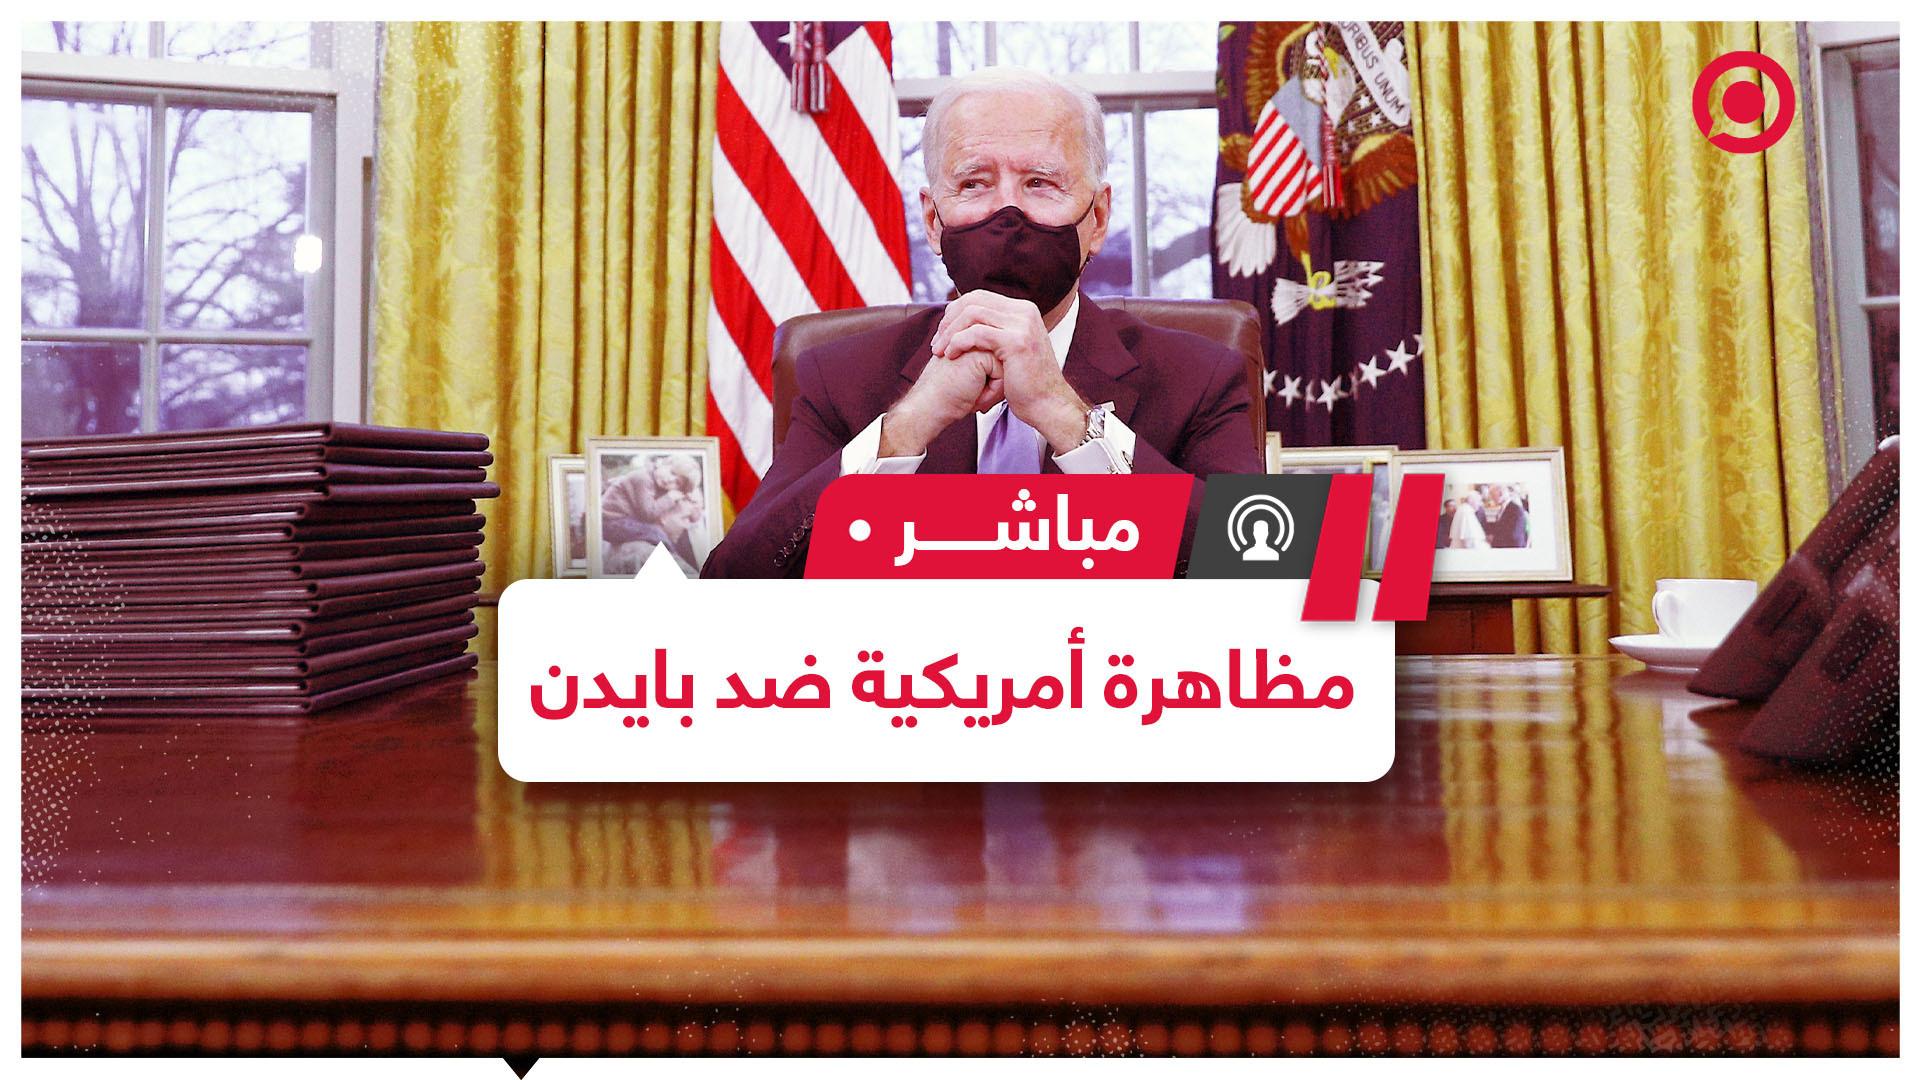 جو بايدن - الرئيس الأمريكي - تظاهرات